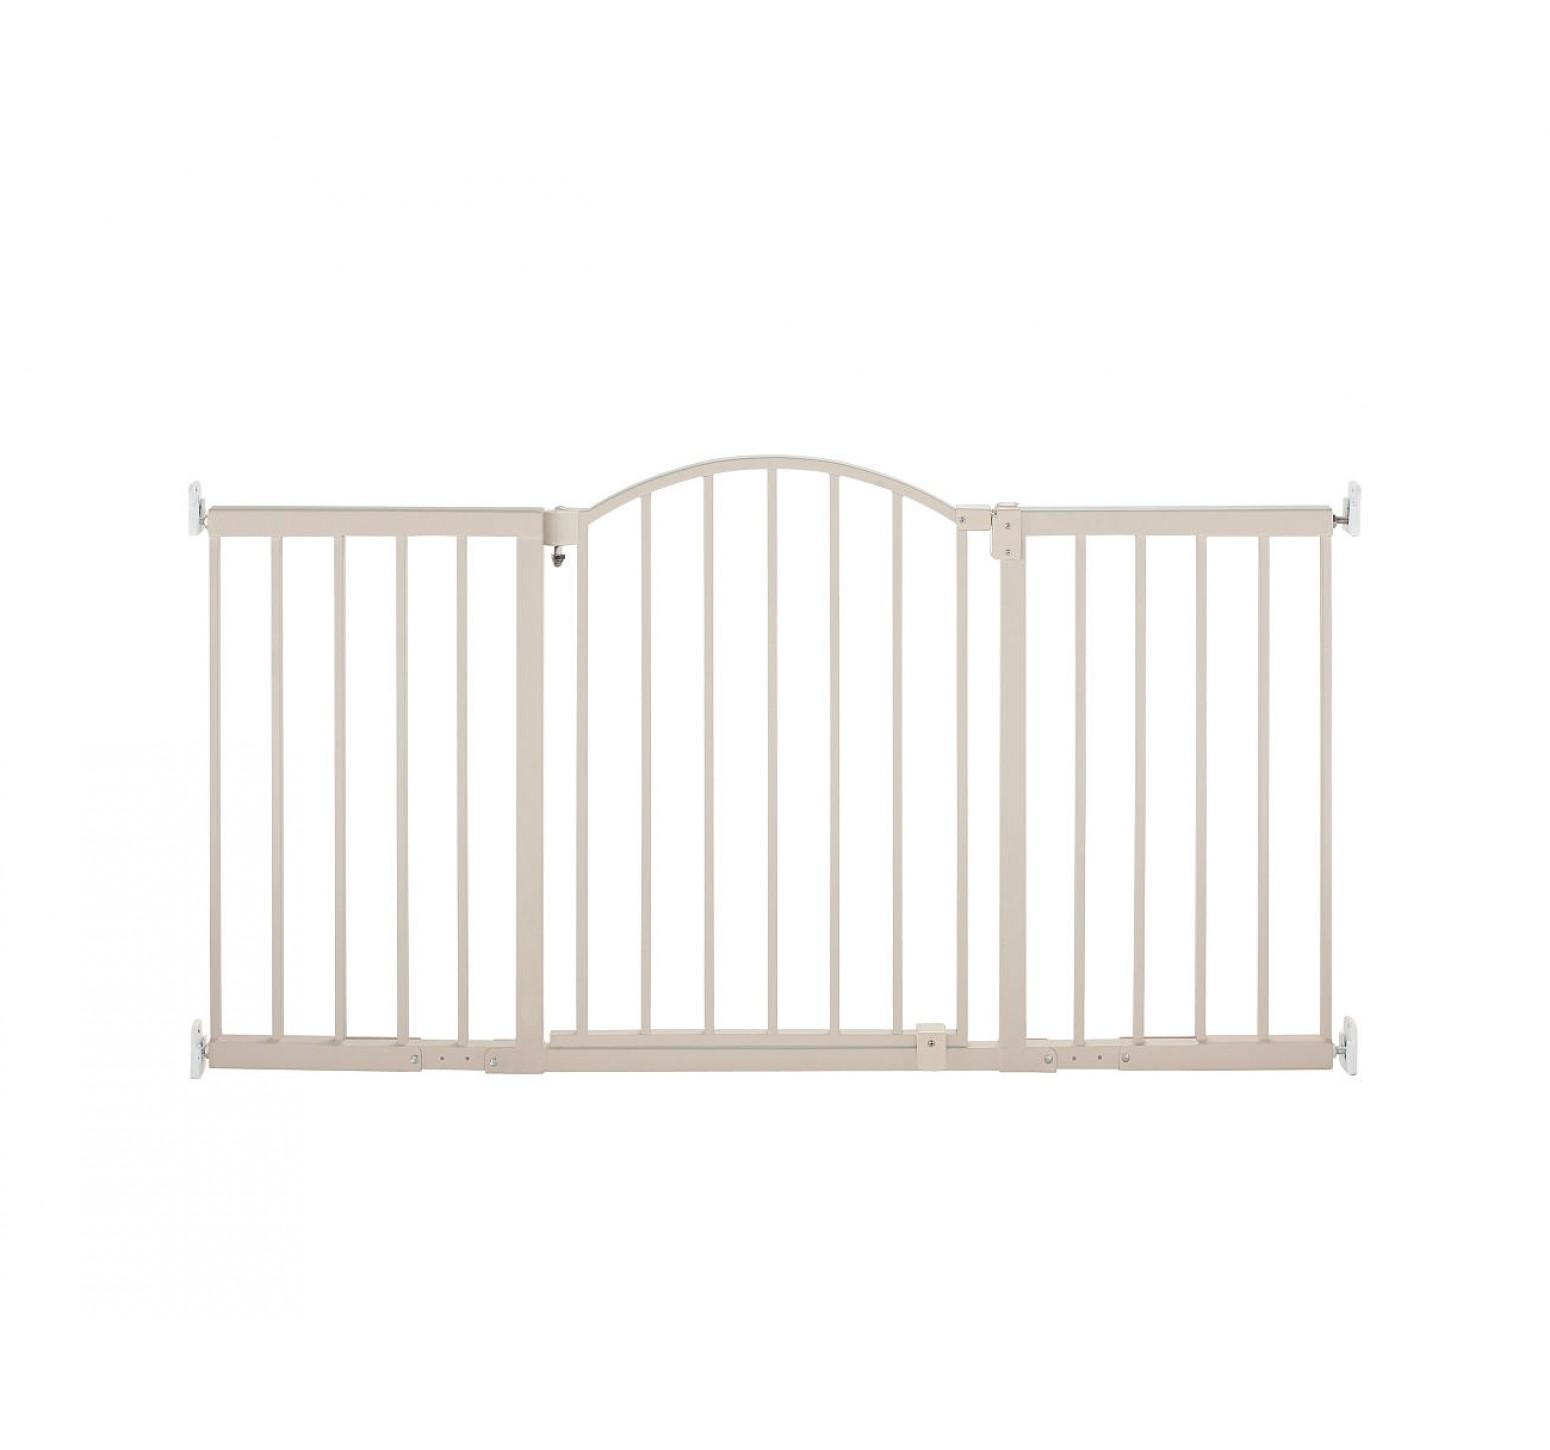 Summer Barrera de seguridad para escaleras extra ancha (Blanca)